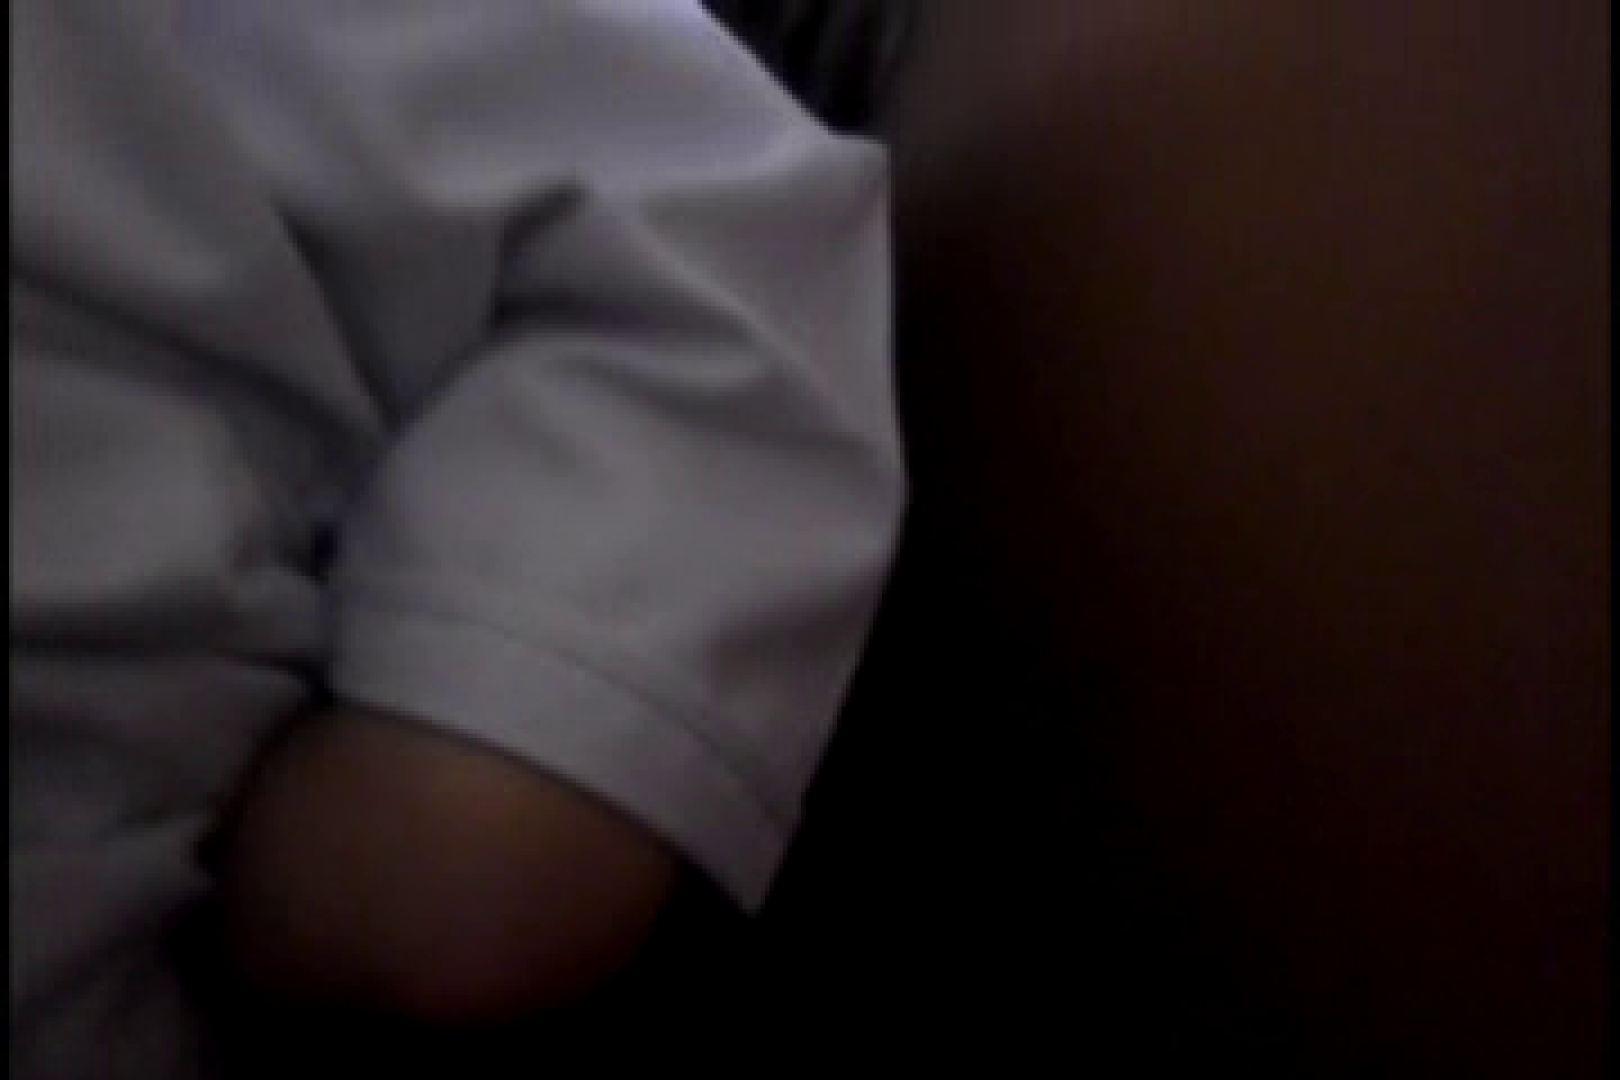 ヤリマンと呼ばれた看護士さんvol4 色っぽいOL達 スケベ動画紹介 83pic 5